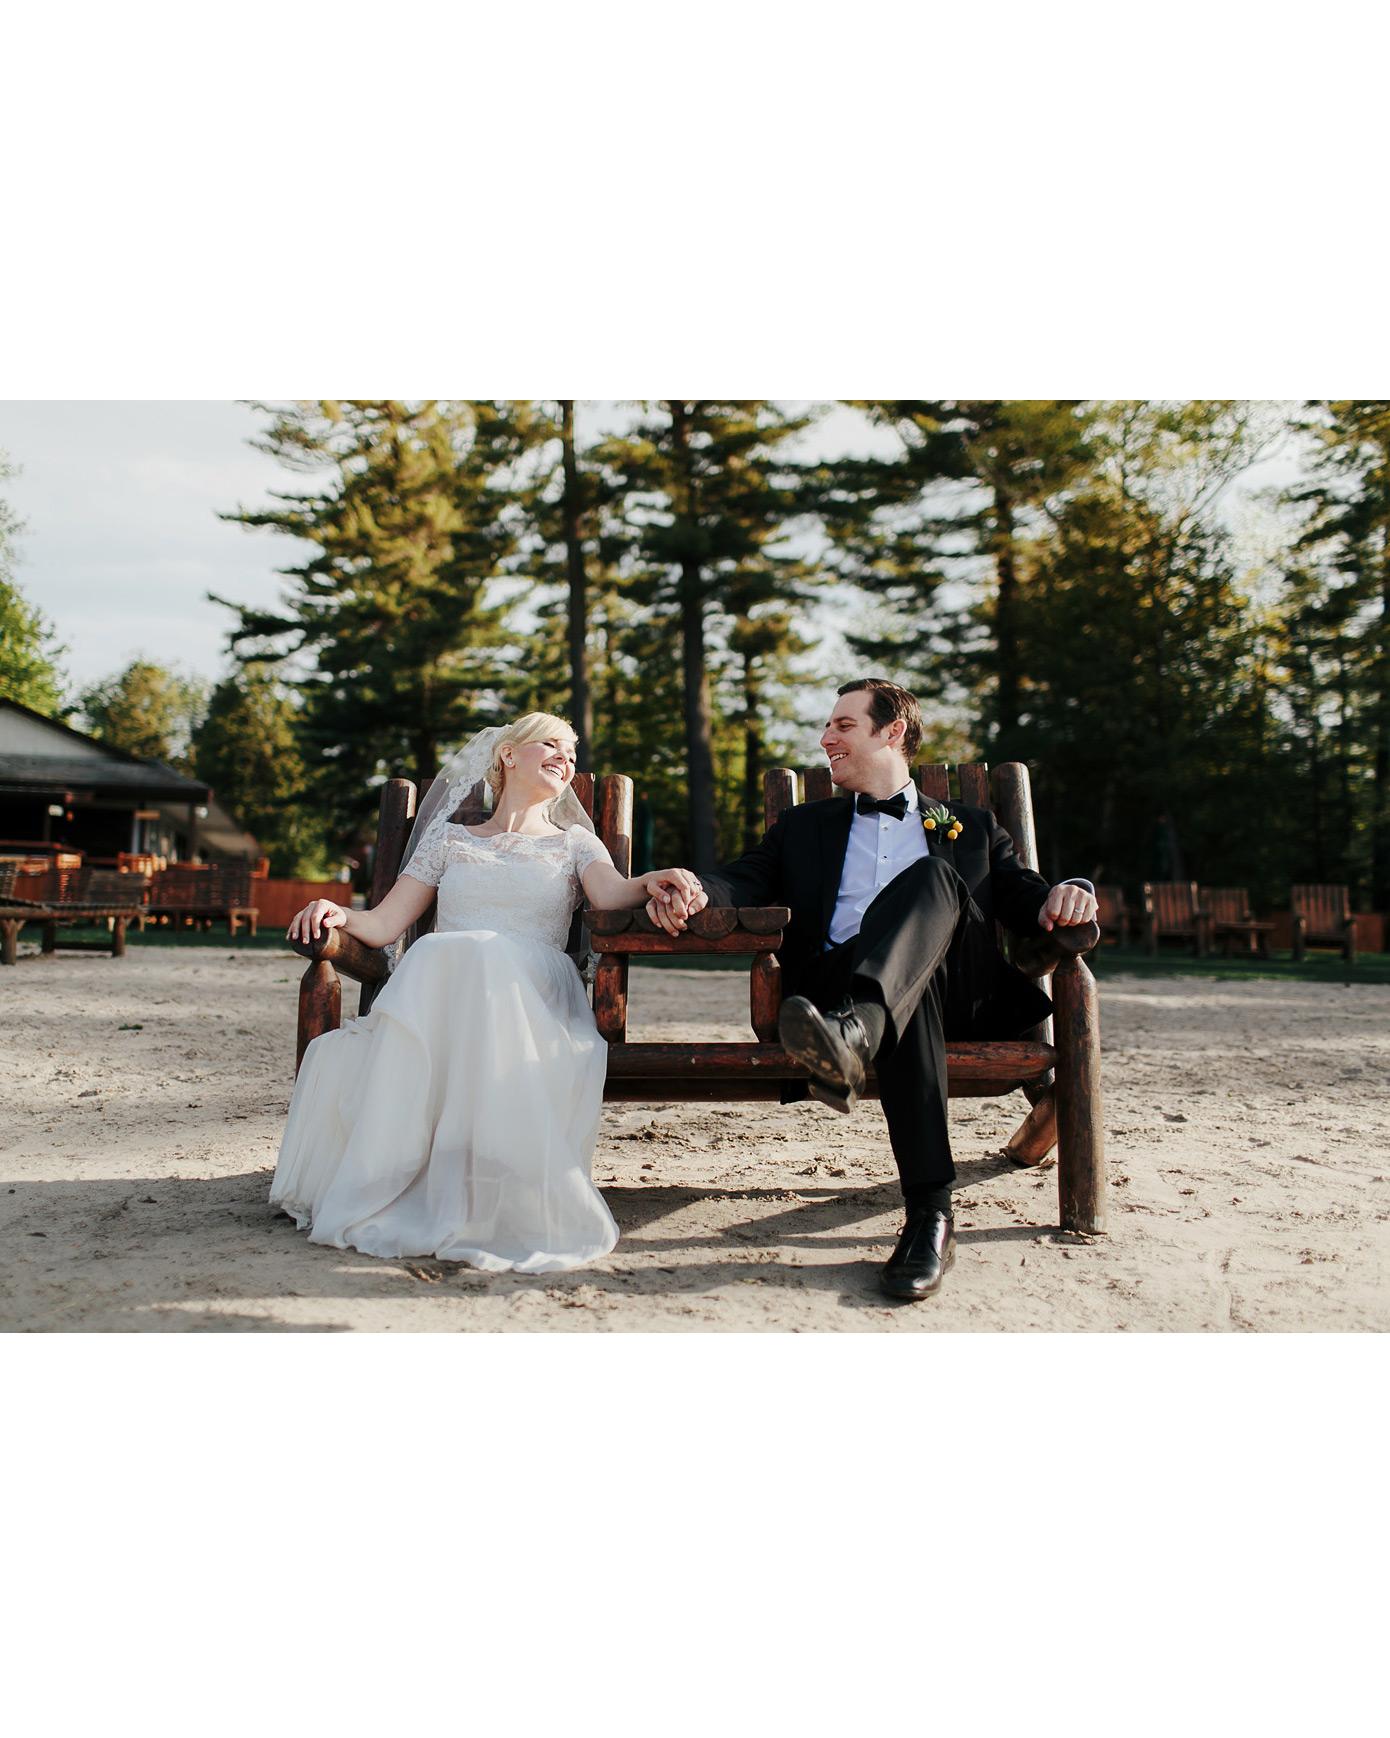 ryan-alan-wedding-couple-0882-s112966-0516.jpg